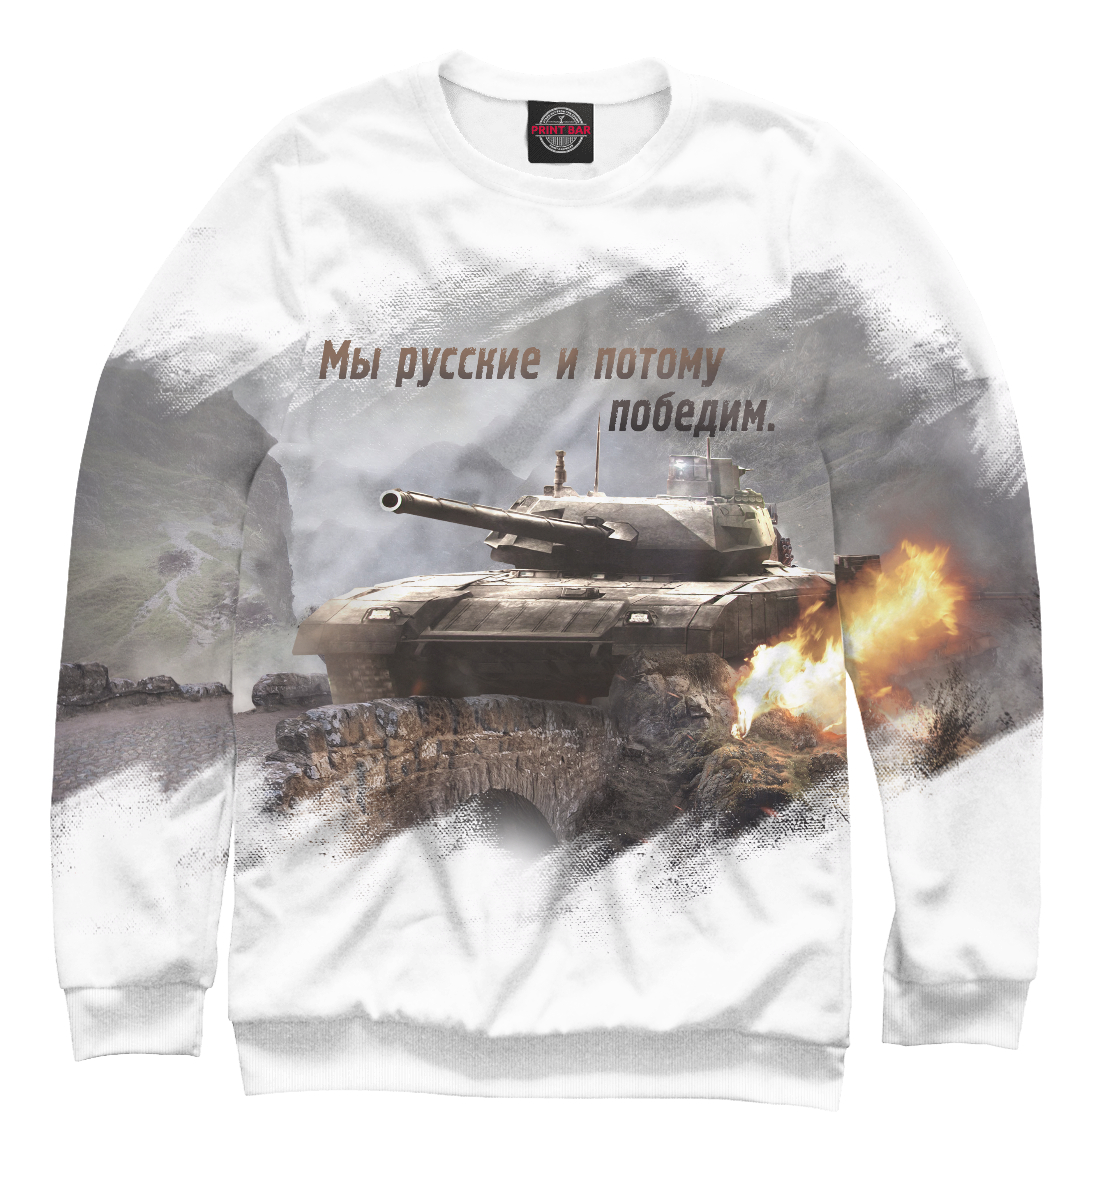 Купить Мы русские, Printbar, Свитшоты, TNK-904683-swi-1